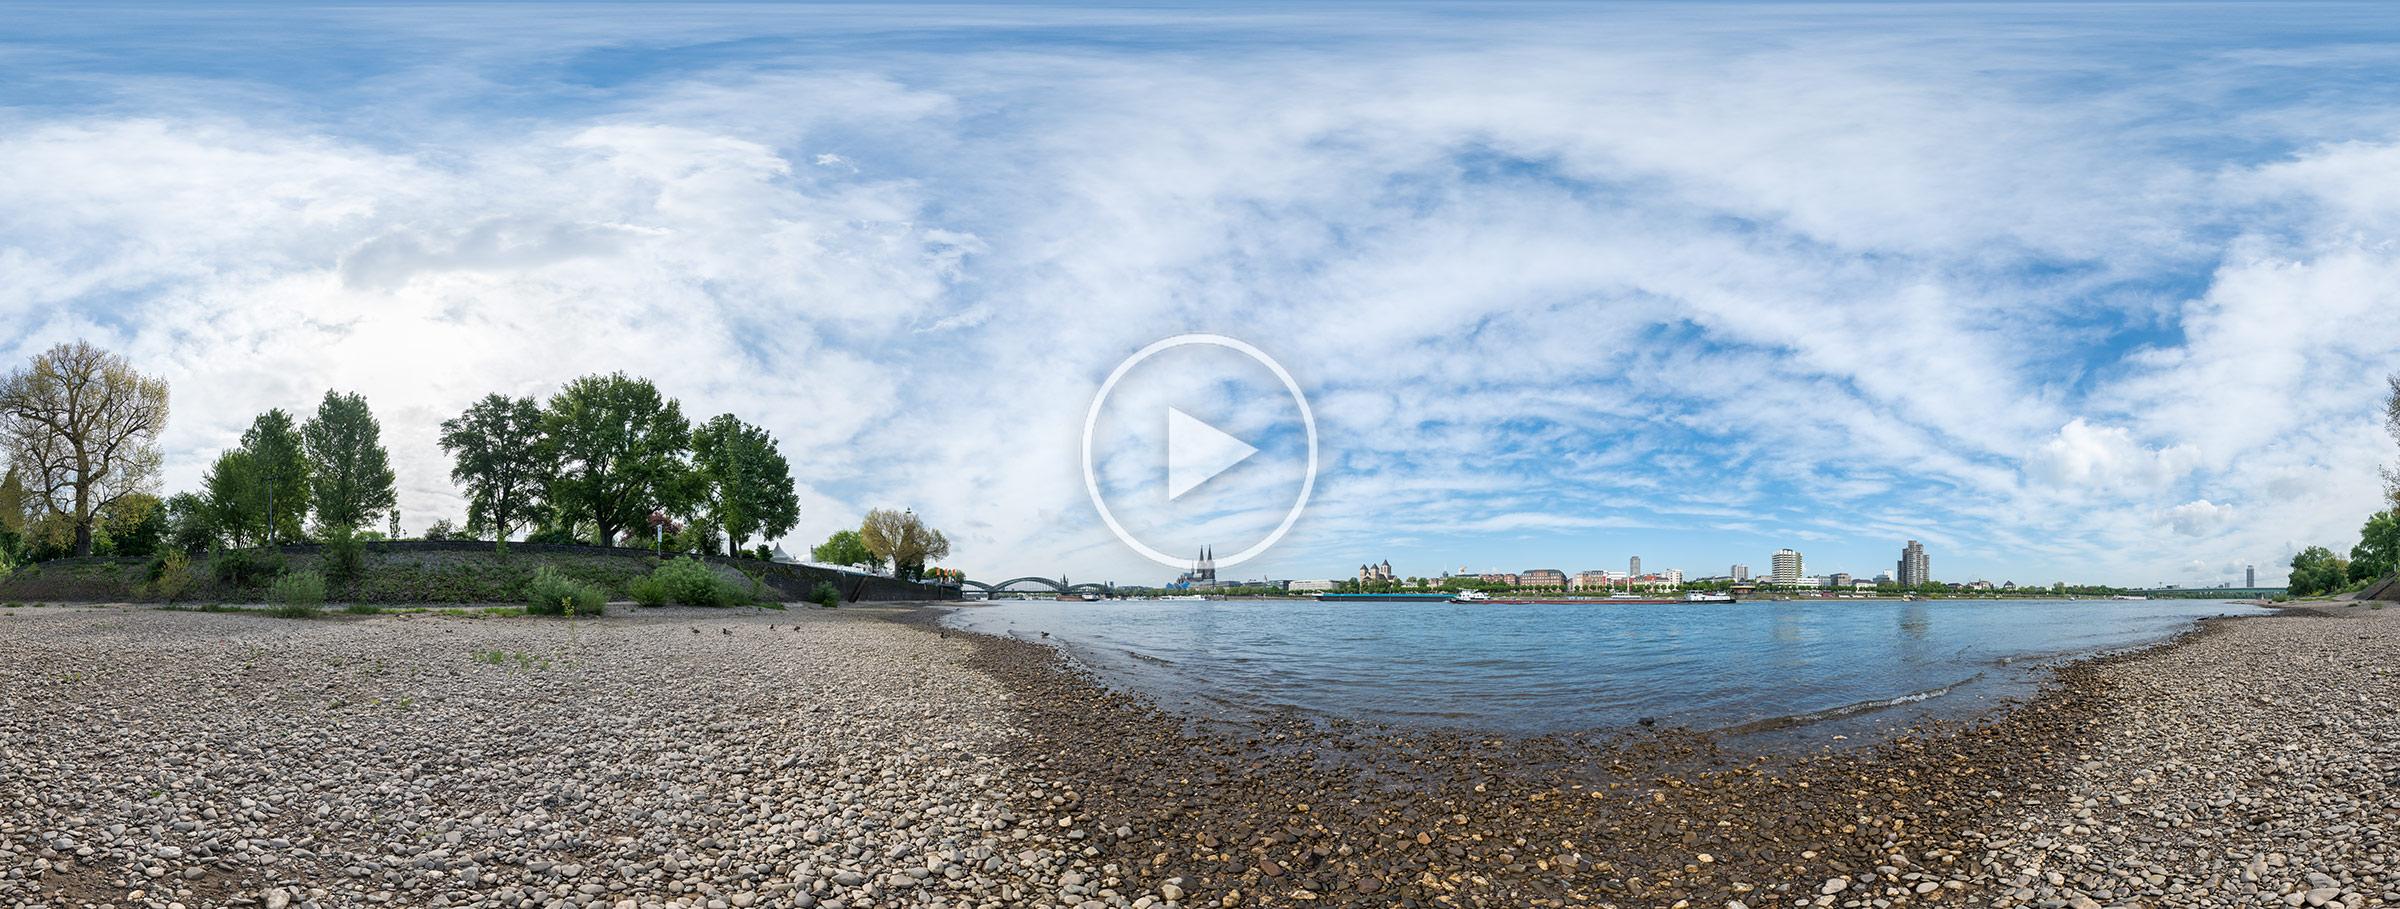 Rheinufer im Kölner Rheinpark | Kugelpanorama von Chris Witzani | 05.2018